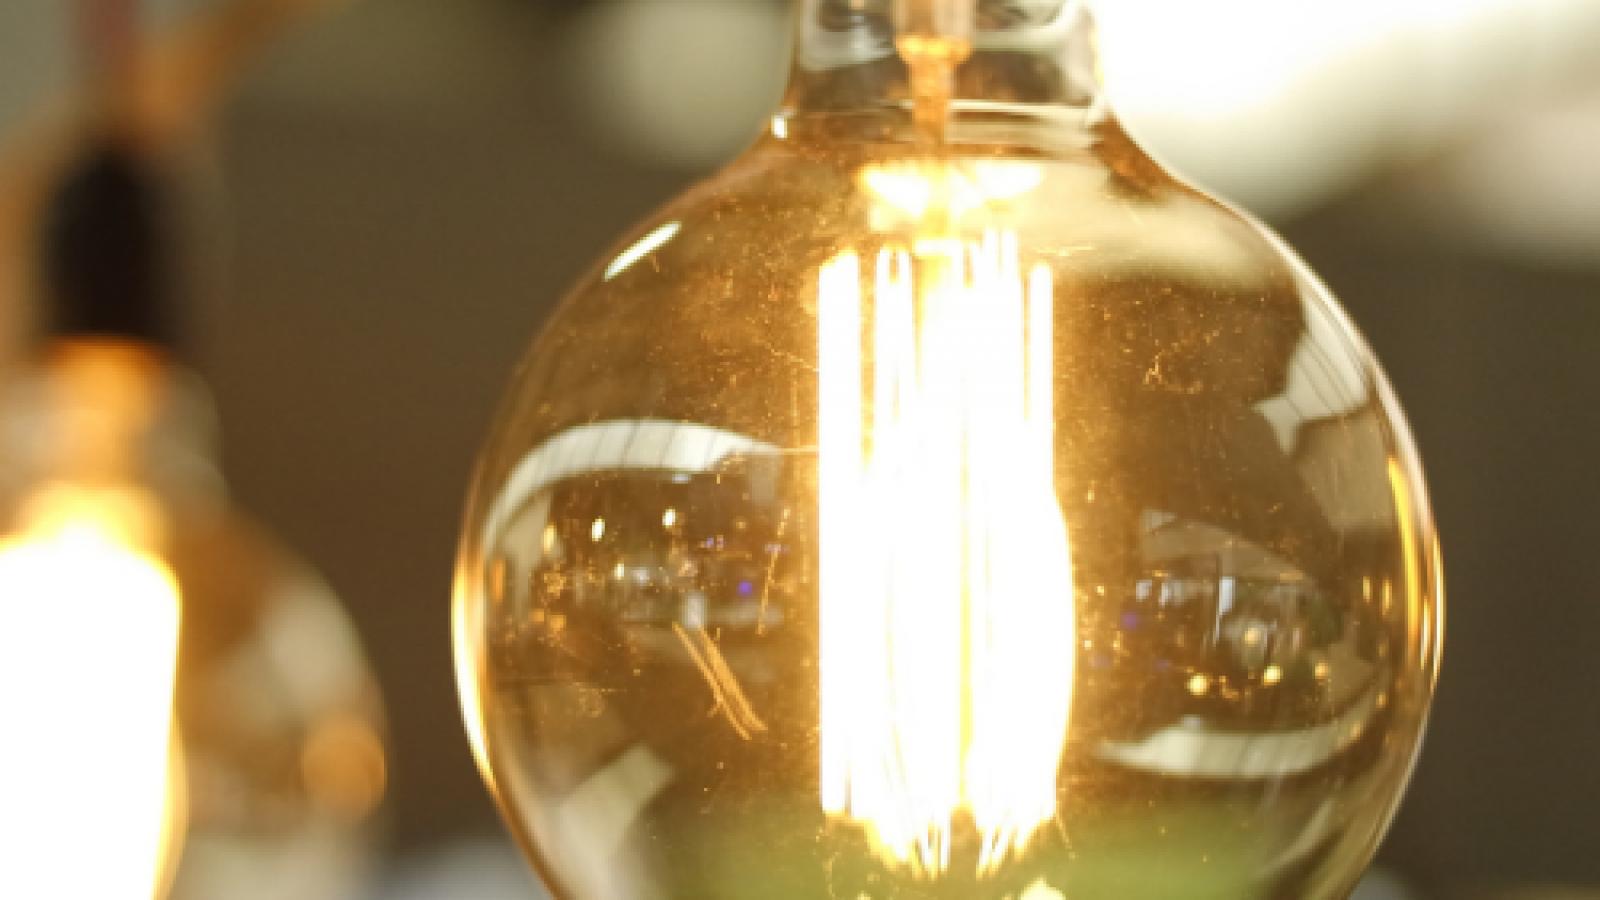 Imagem: divulgação eficiência energética